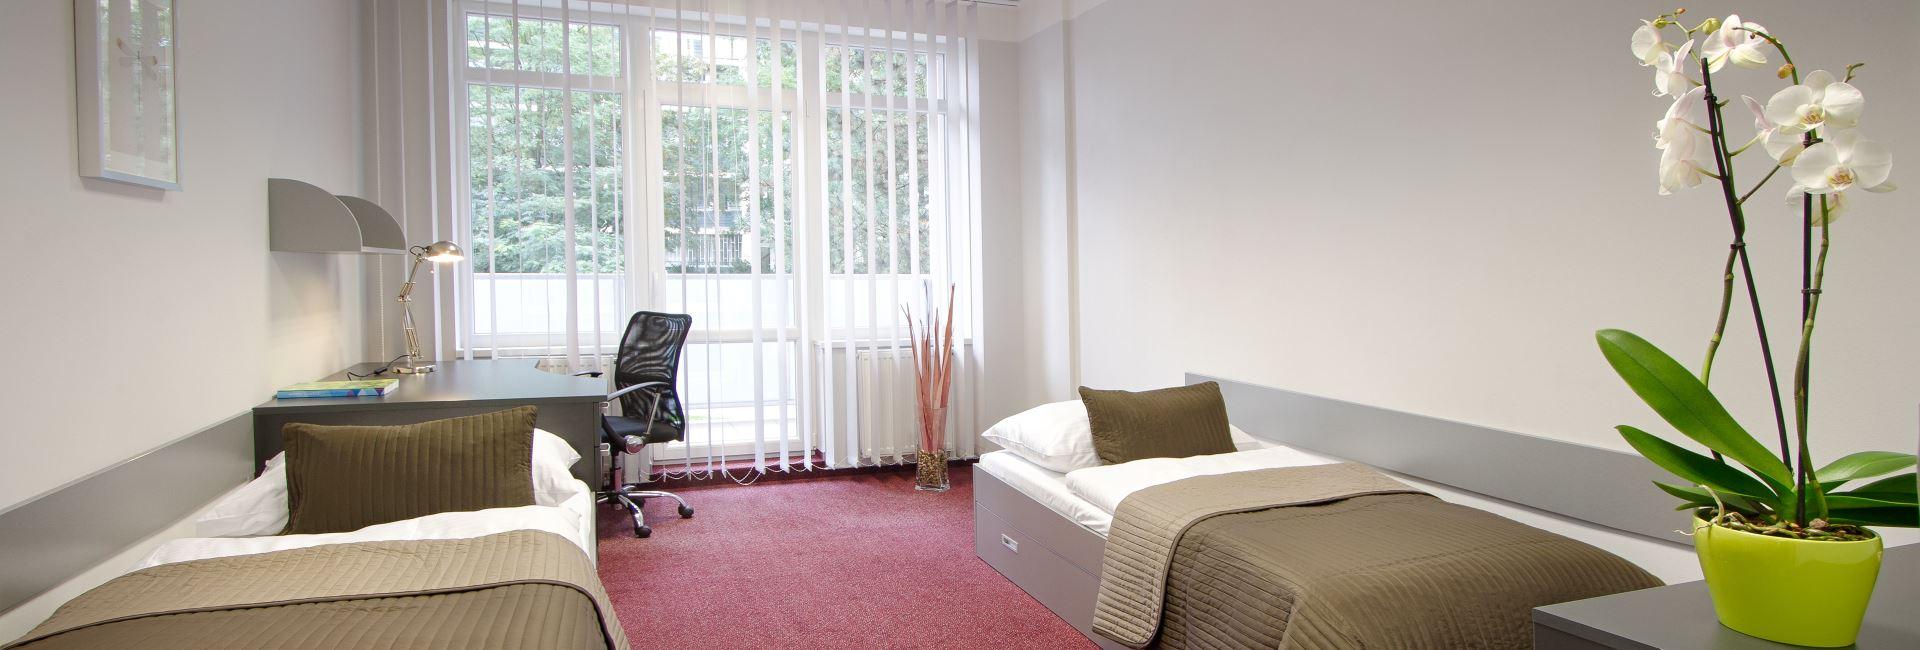 Projekt ApartmanStudent - nadstandardní vysokoškolské koleje Praha